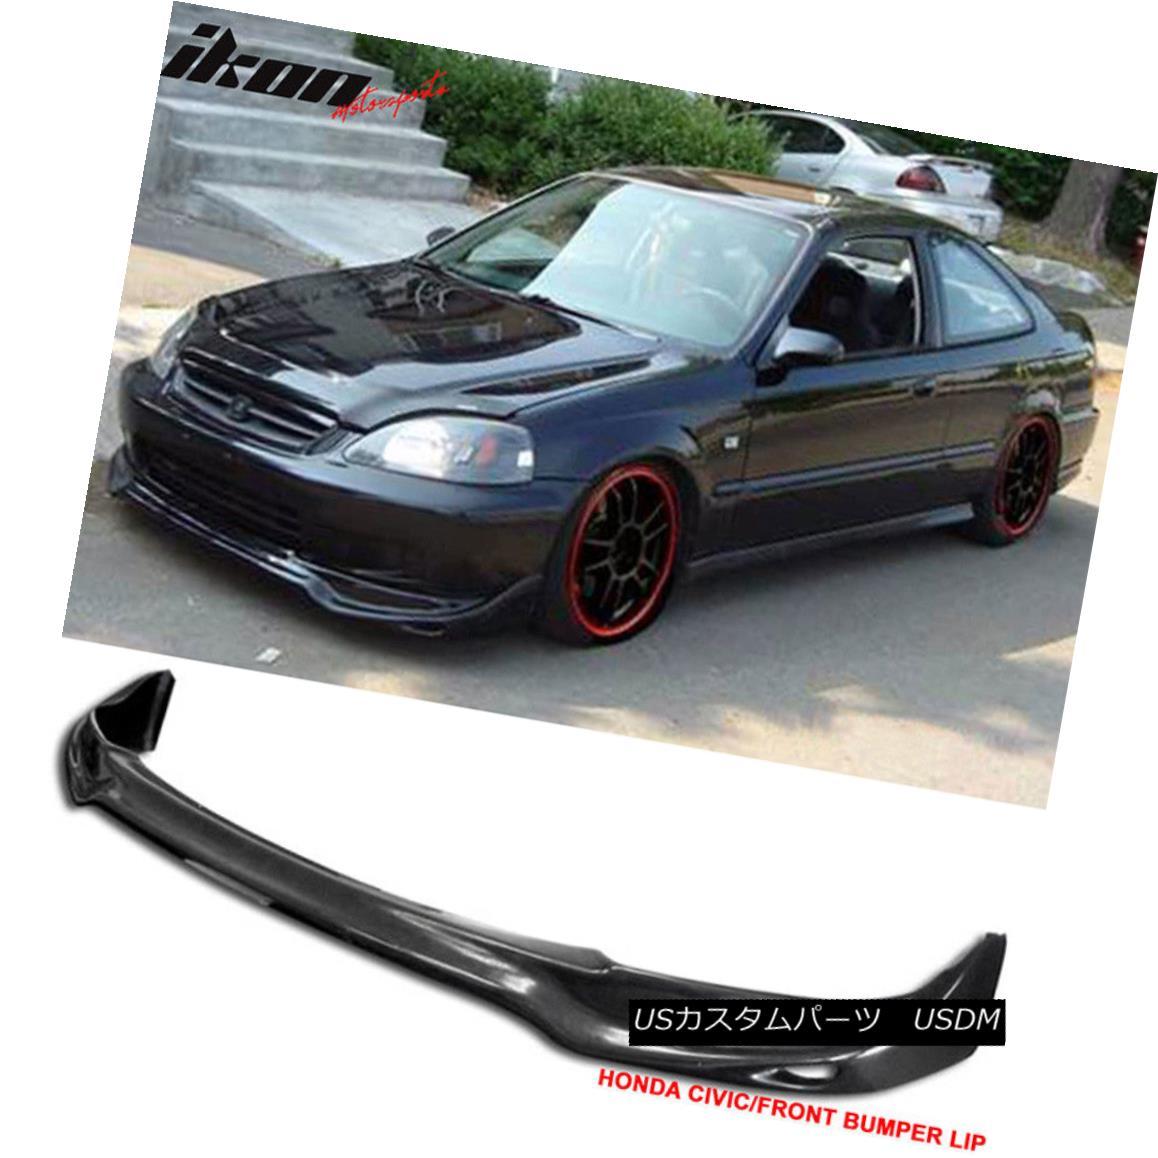 エアロパーツ Fits 96-98 Civic 2/4Dr JUN Front Bumper Lip + 2PC Rear Bumper Lip Valance Spats フィット96-98 Civic 2 / 4Dr JUNフロントバンパーリップ+ 2PCリアバンパーリップバランシングススパッツ